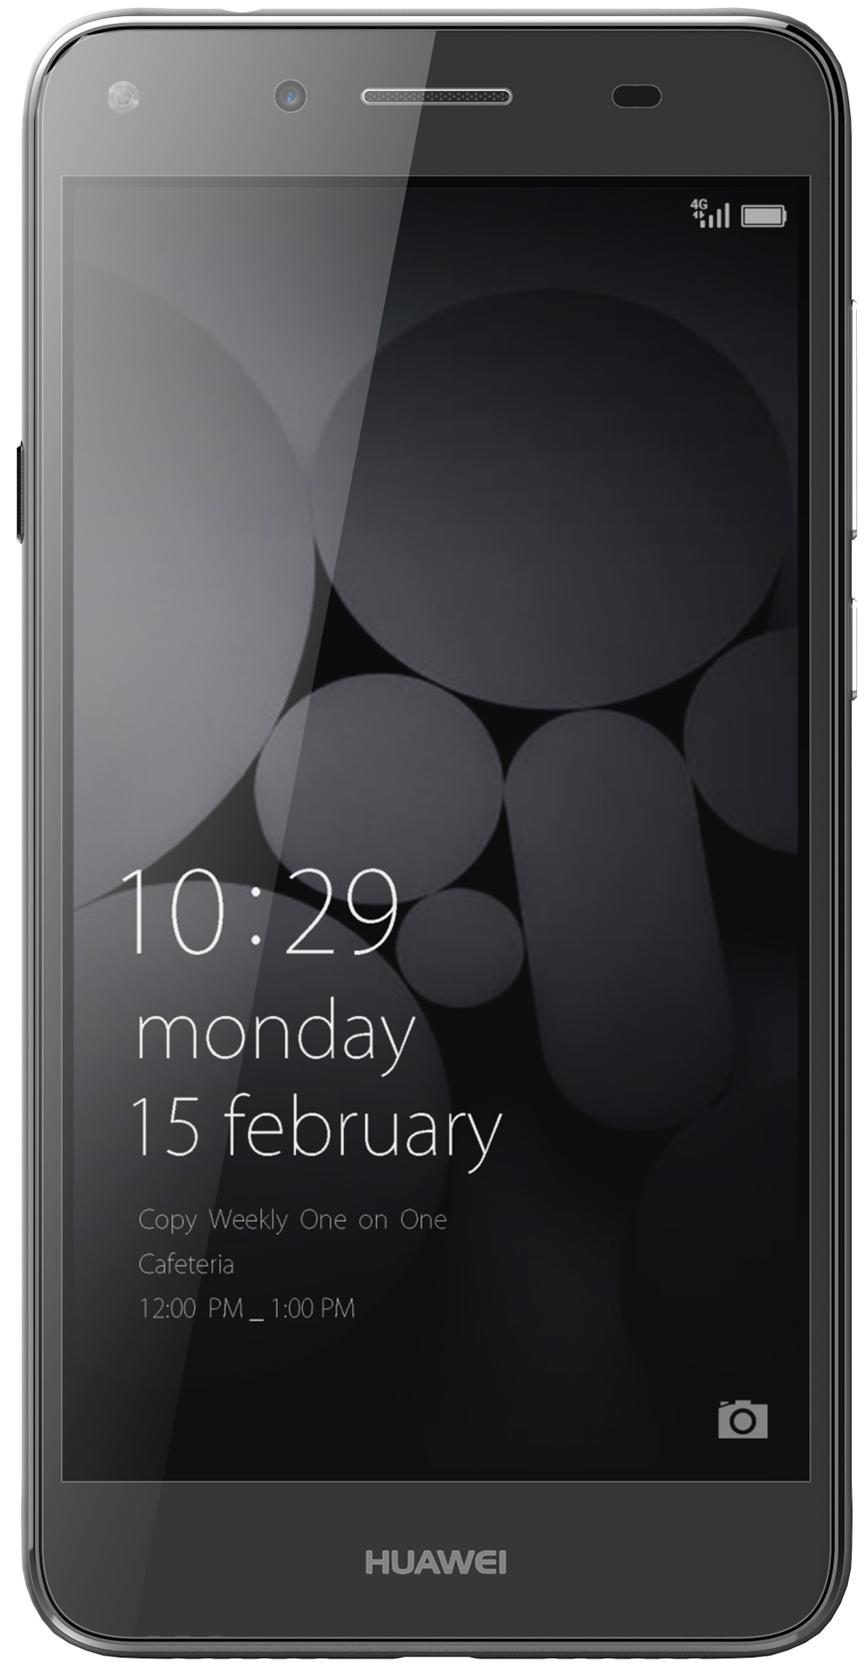 Huawei y5 ii un chollo de ltima generacin nuestros smartphones huawei y5 ii un chollo de ltima generacin fandeluxe Gallery